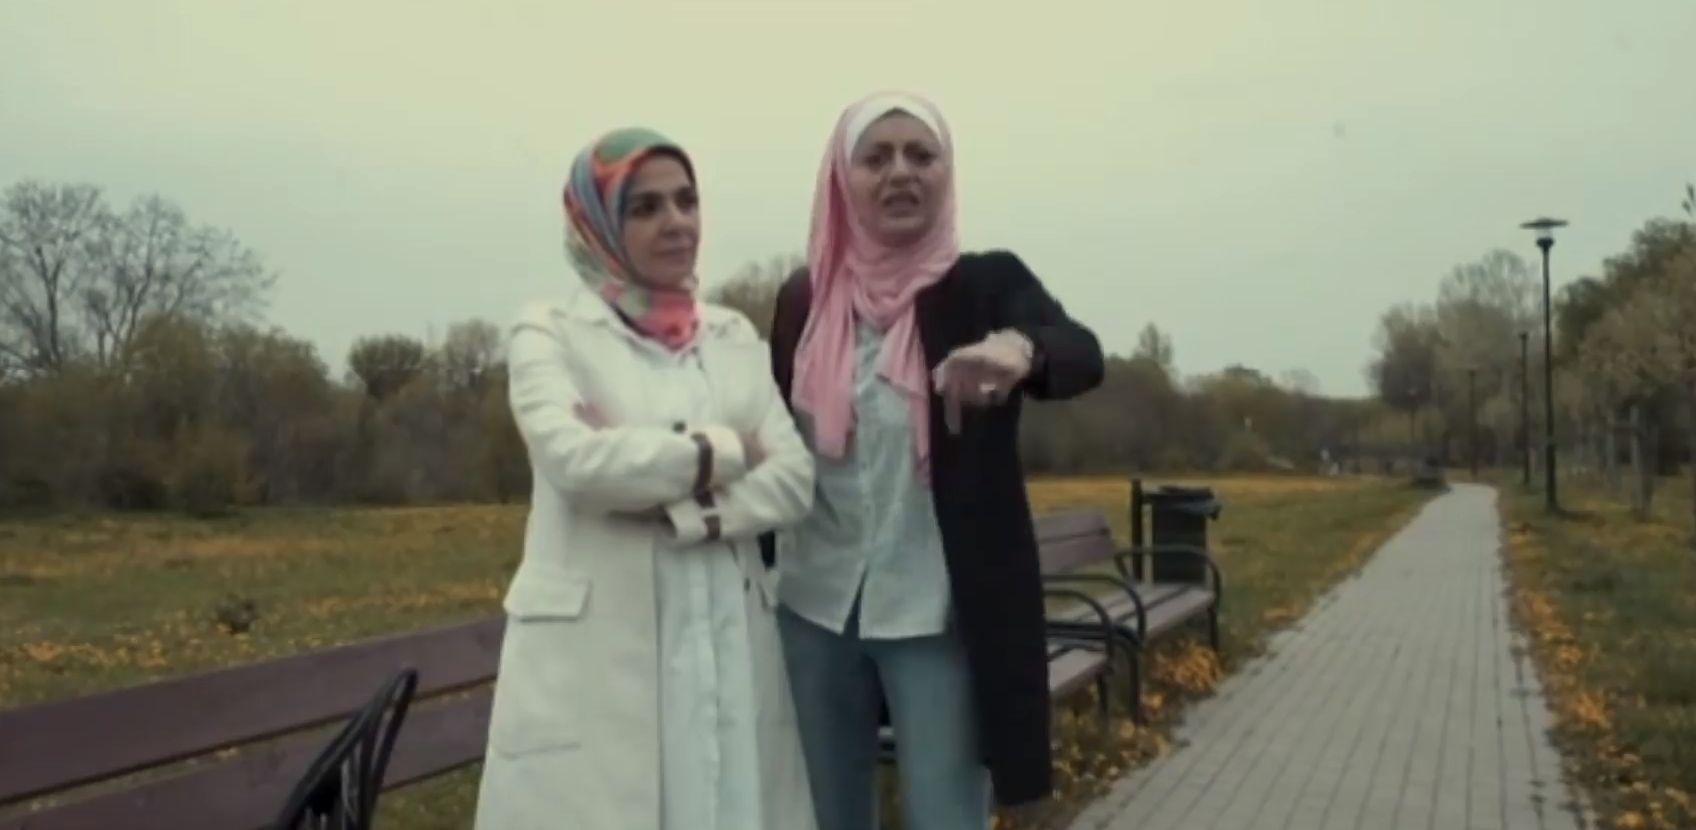 Egyiptomi színésznőkbe kötöttek bele Budapesten a fejkendőjük miatt